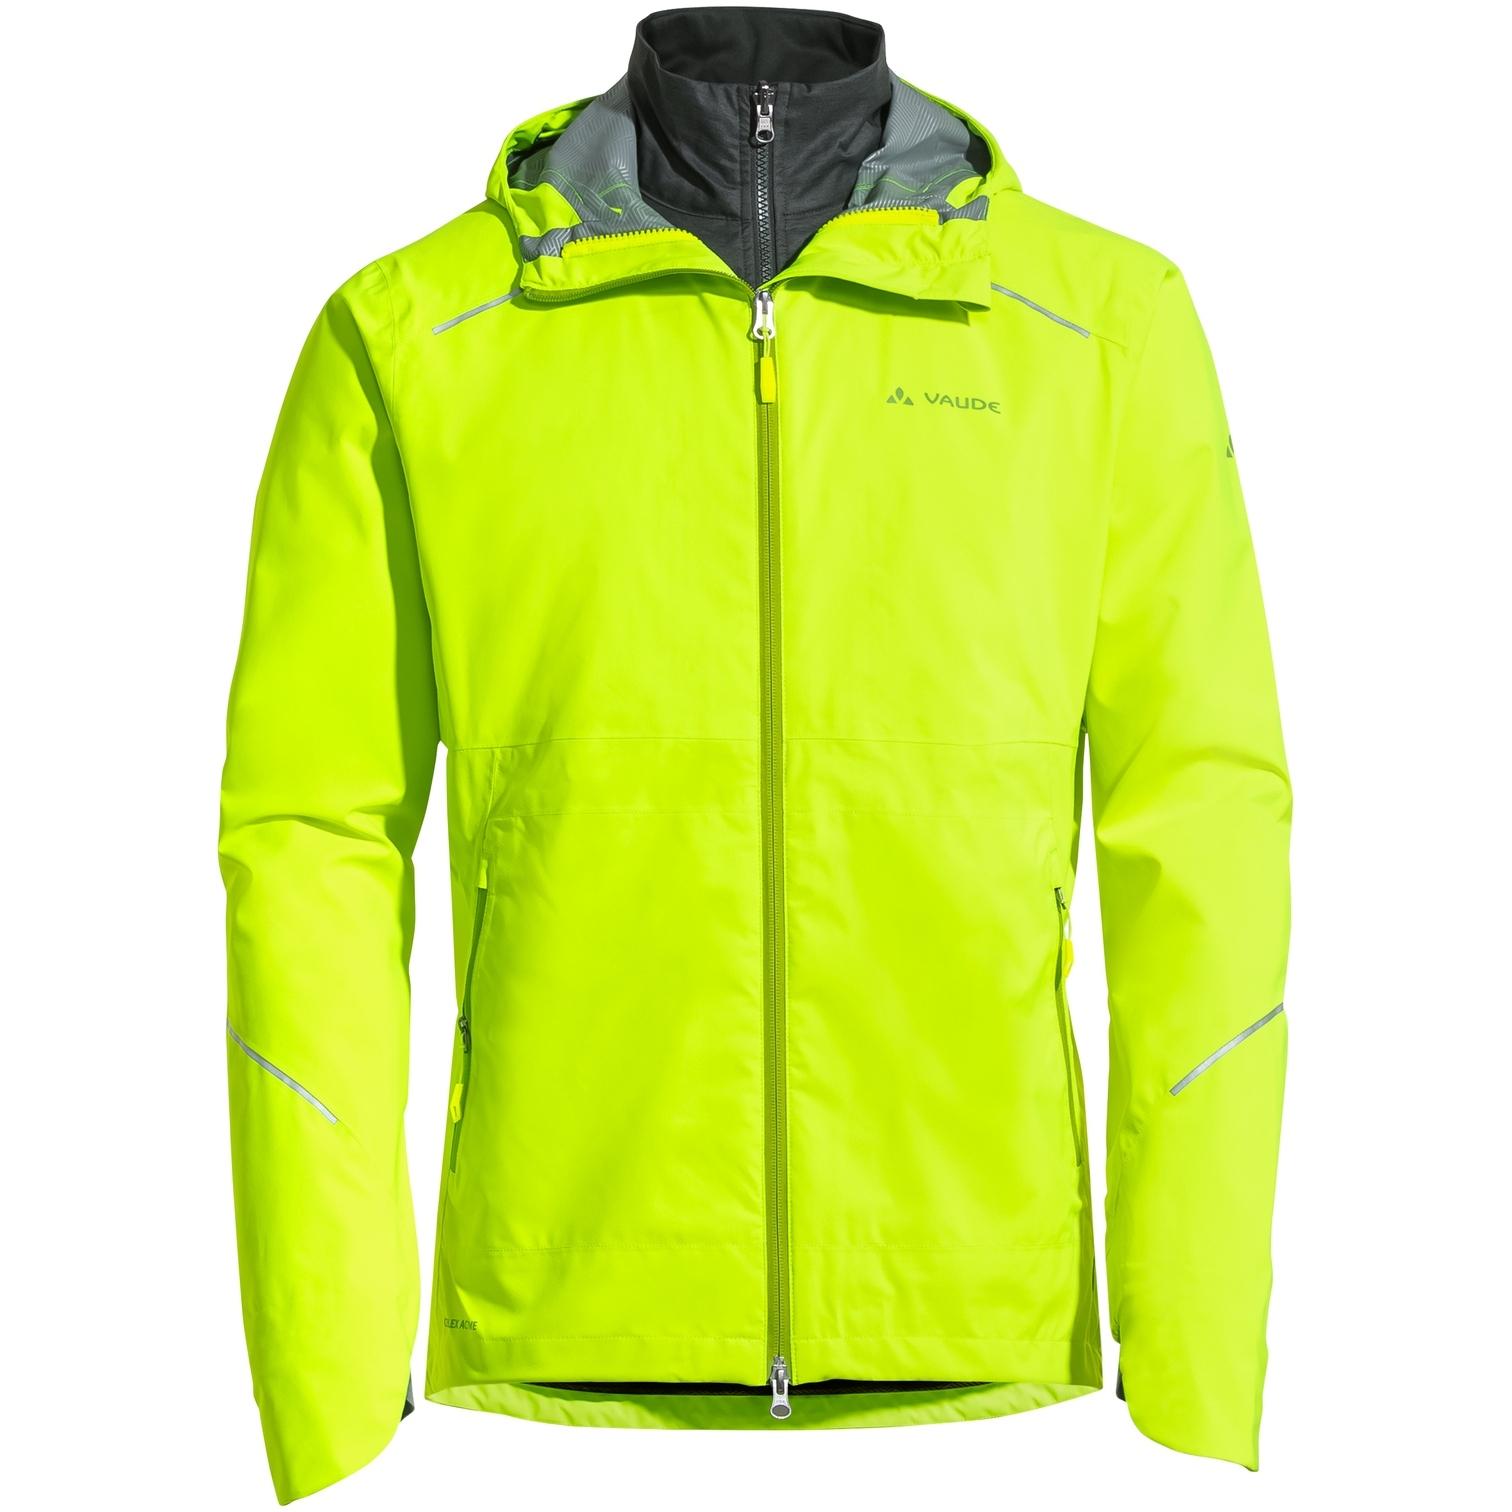 Vaude Yaras 3in1 Jacke - neon gelb